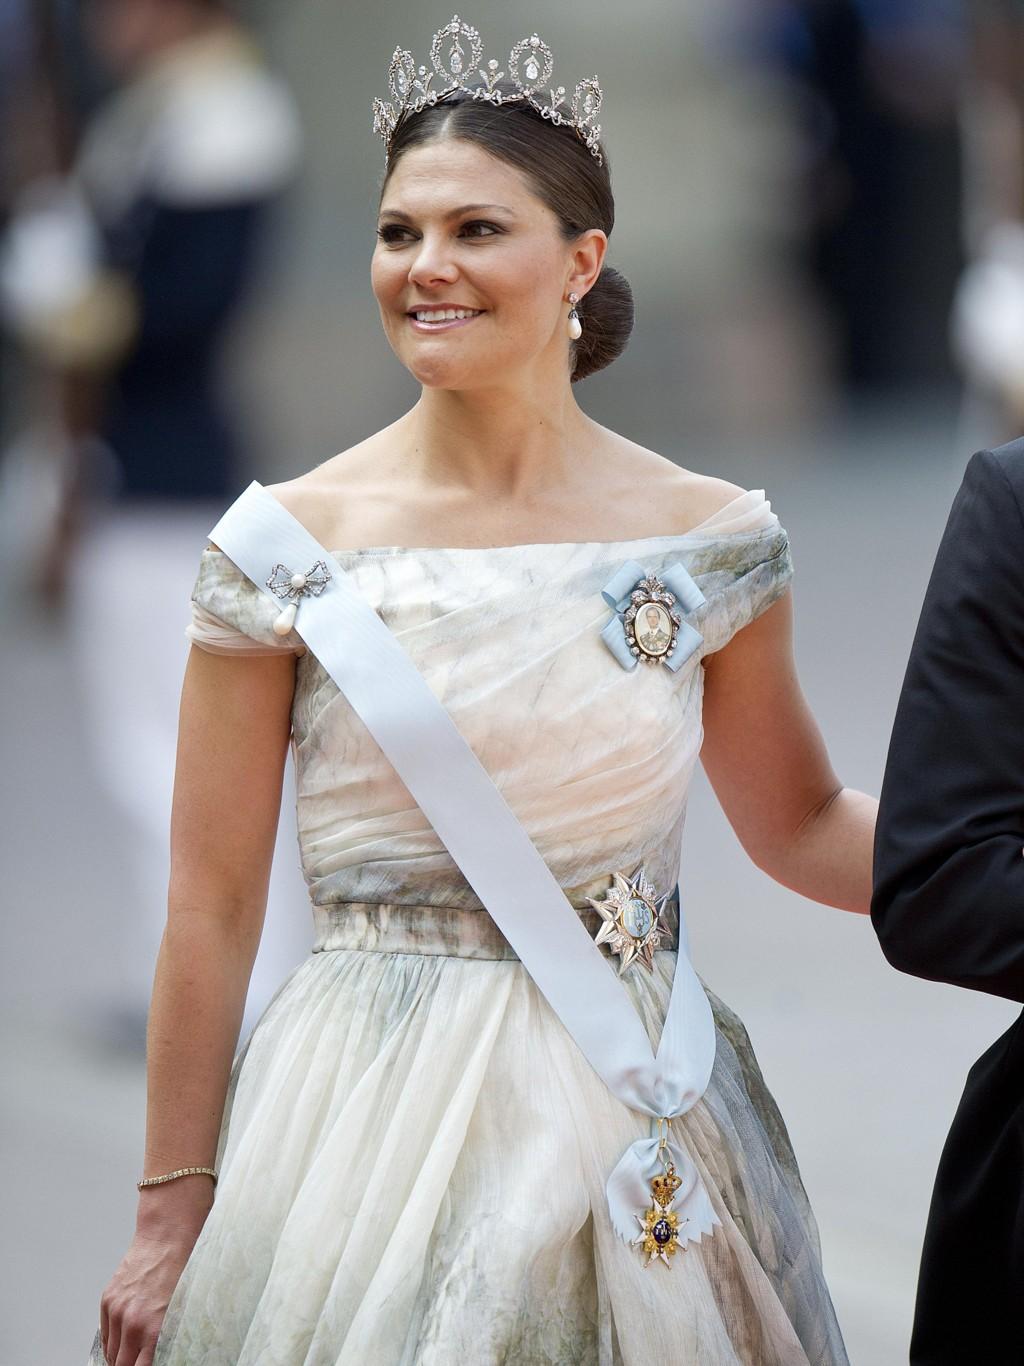 FØDSELSDAG: Kronprinsesse Victoria fyller 40 år fredag 14. juli.